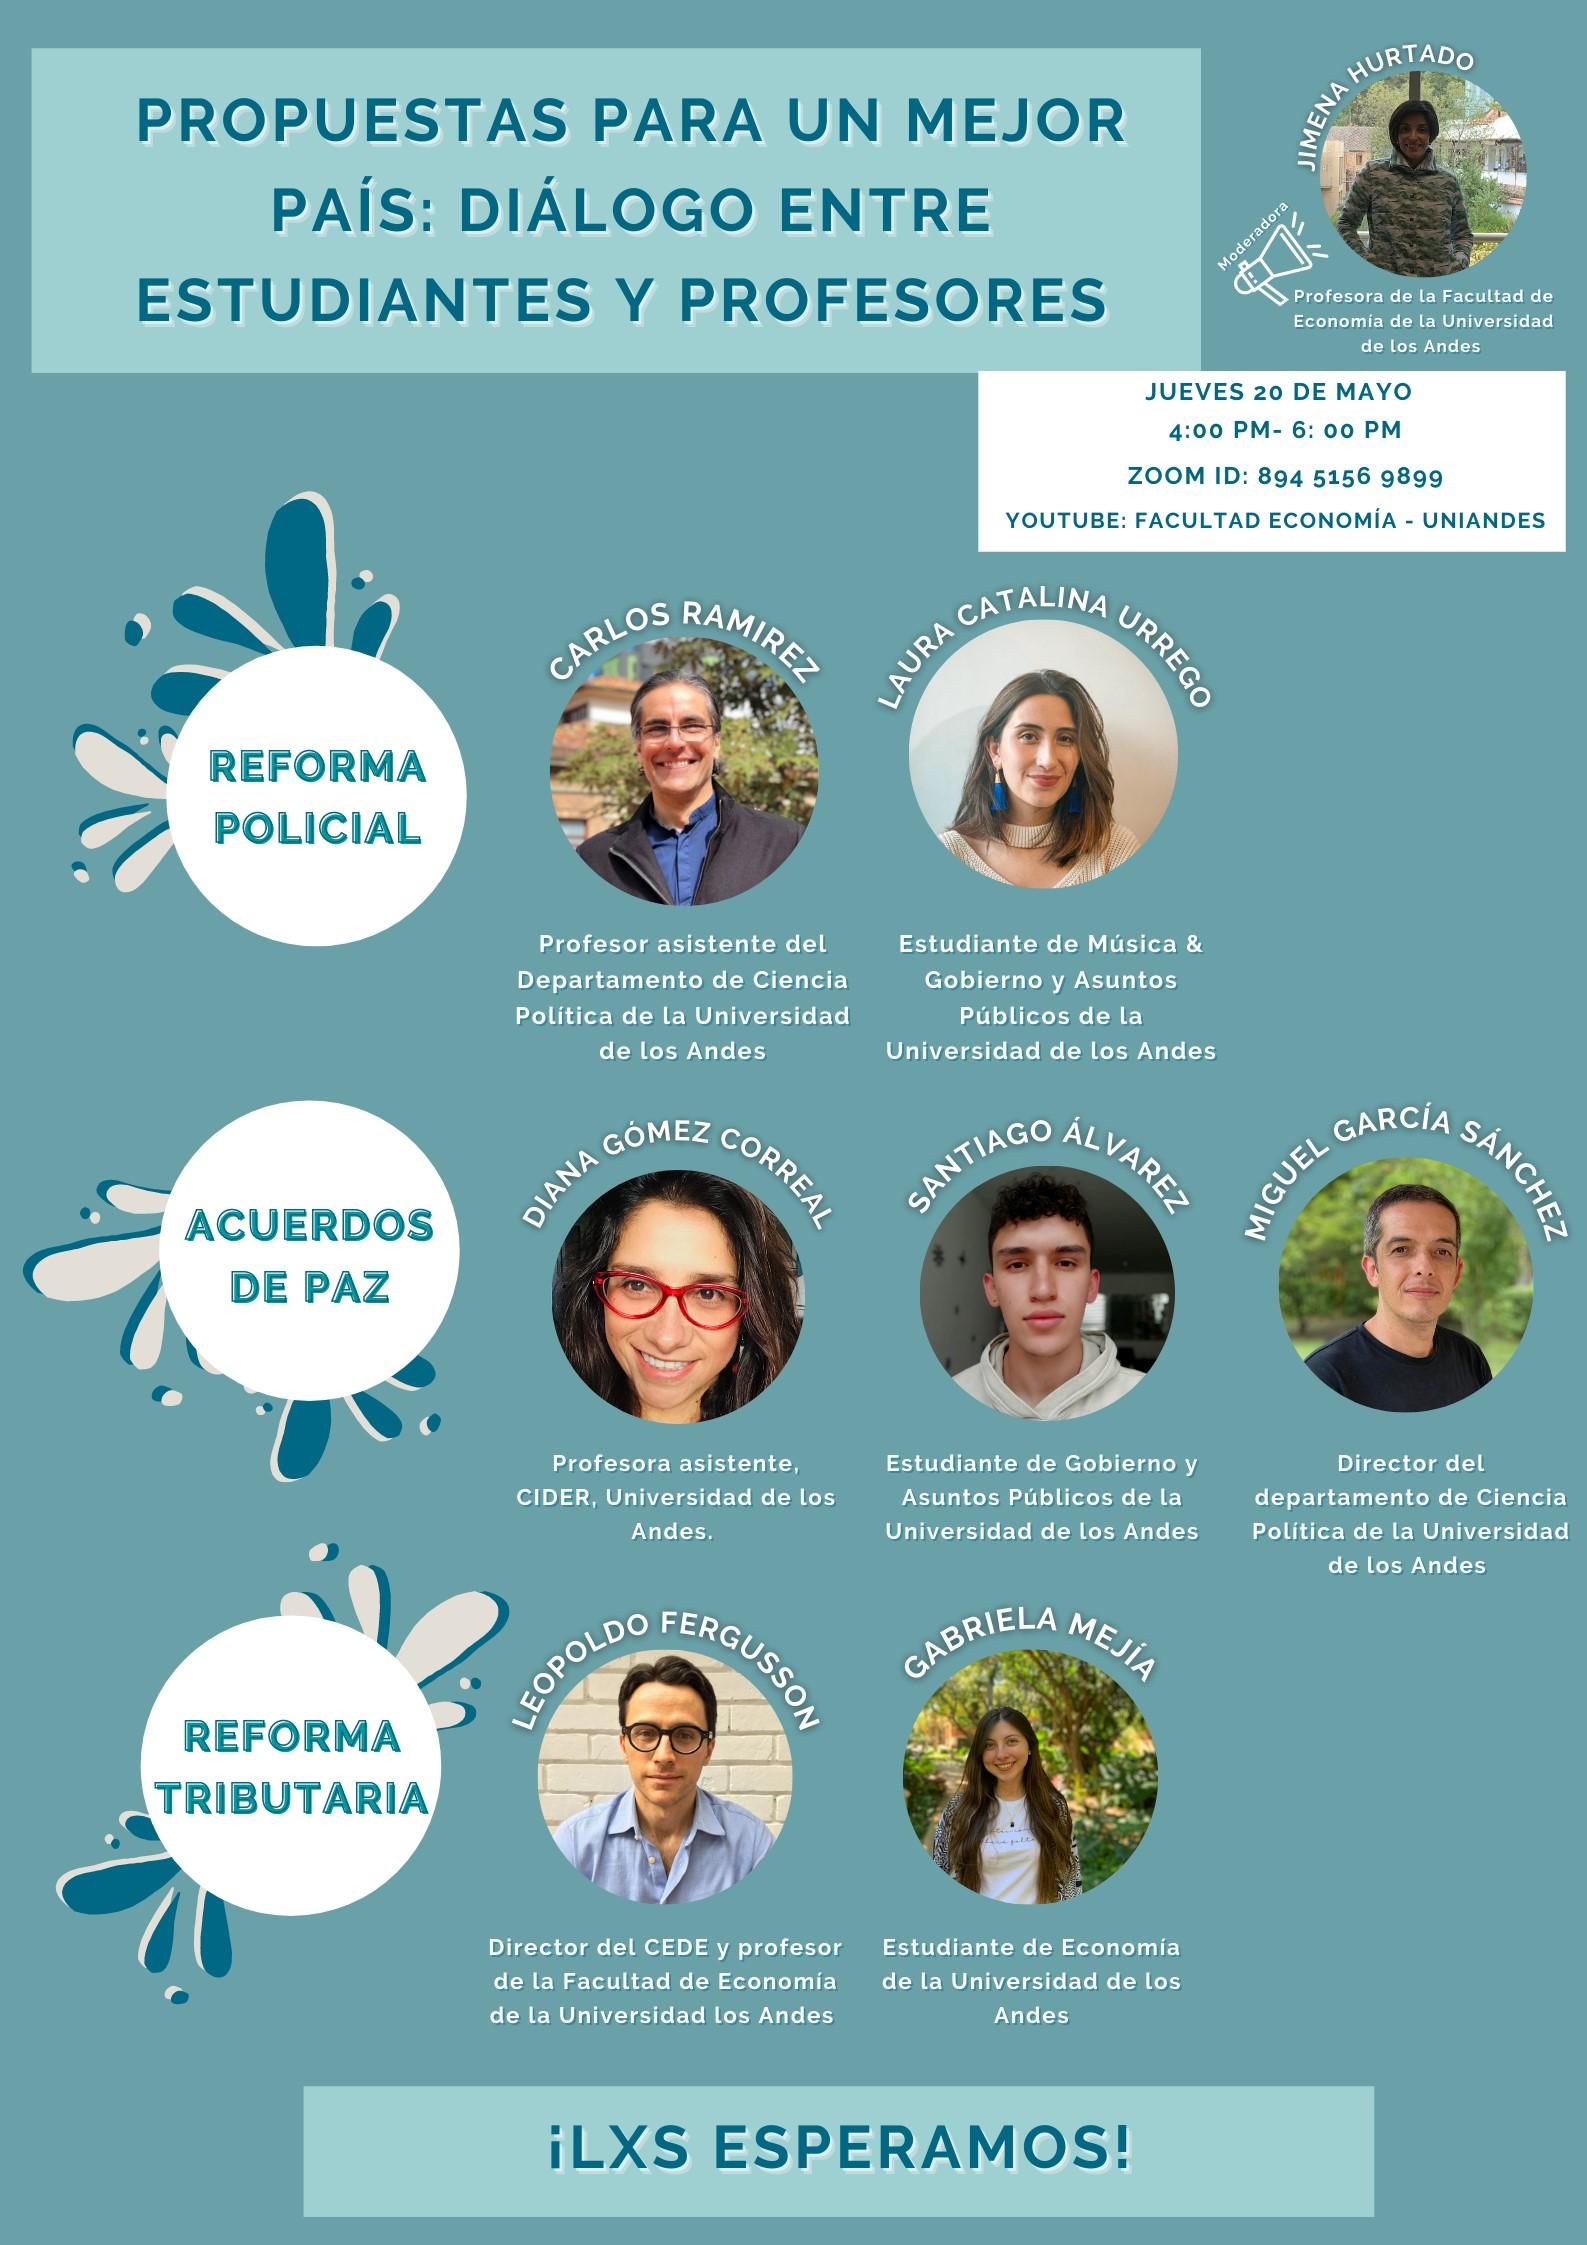 Diana Gómez propuso alternativas para exigir la implementación de los Acuerdos de Paz Cider | Uniandes